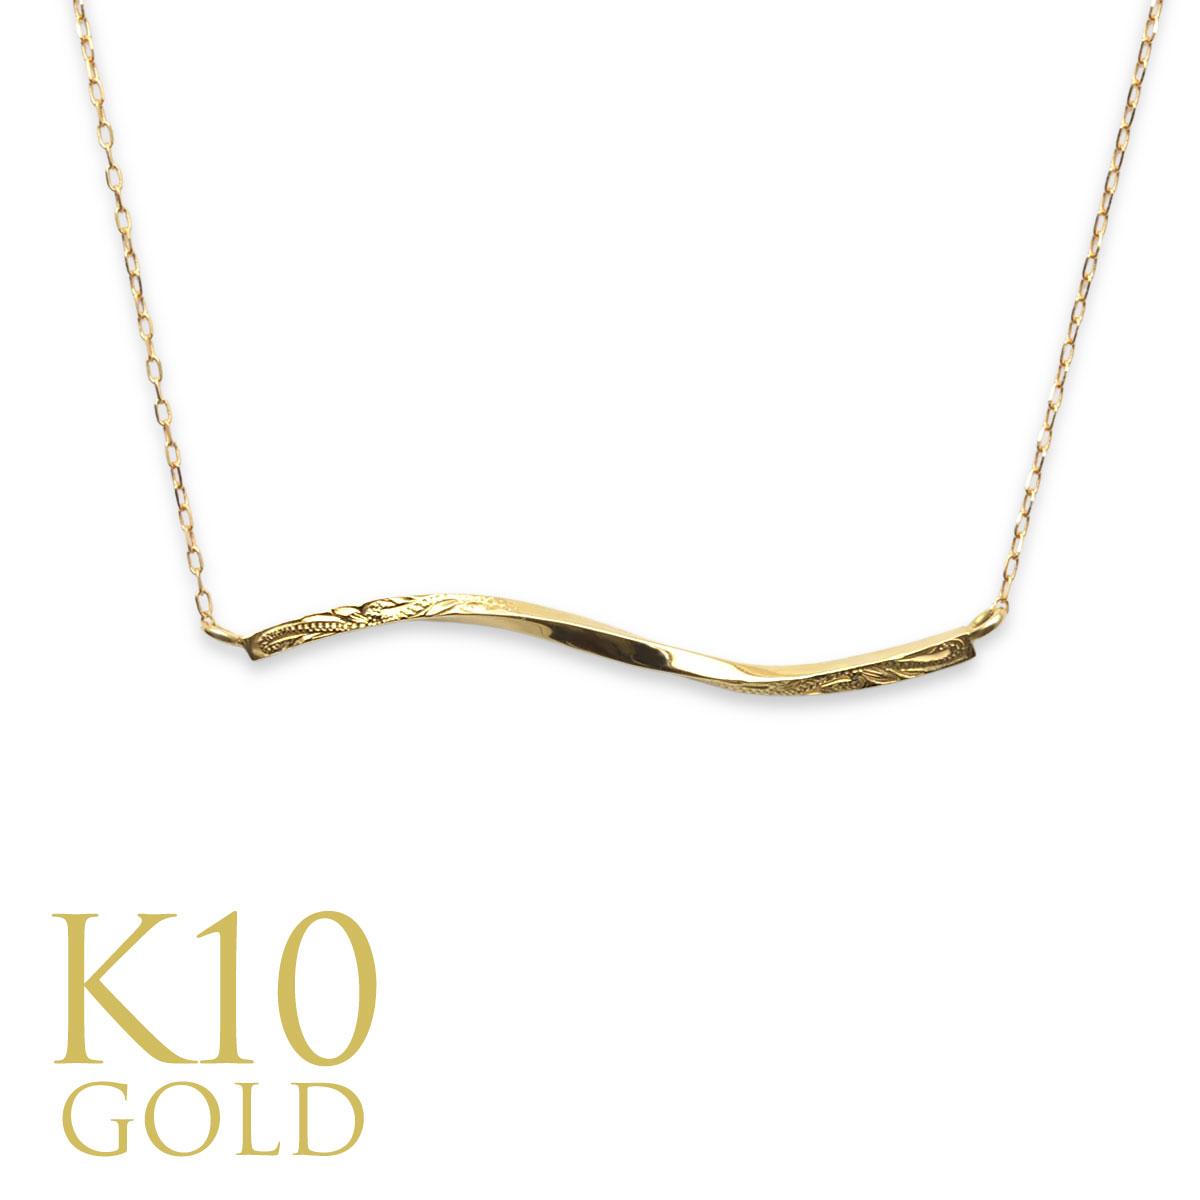 ハワイアンジュエリー ネックレス K10ゴールド 10金 カナニ ゴールド バーネックレス ane1630